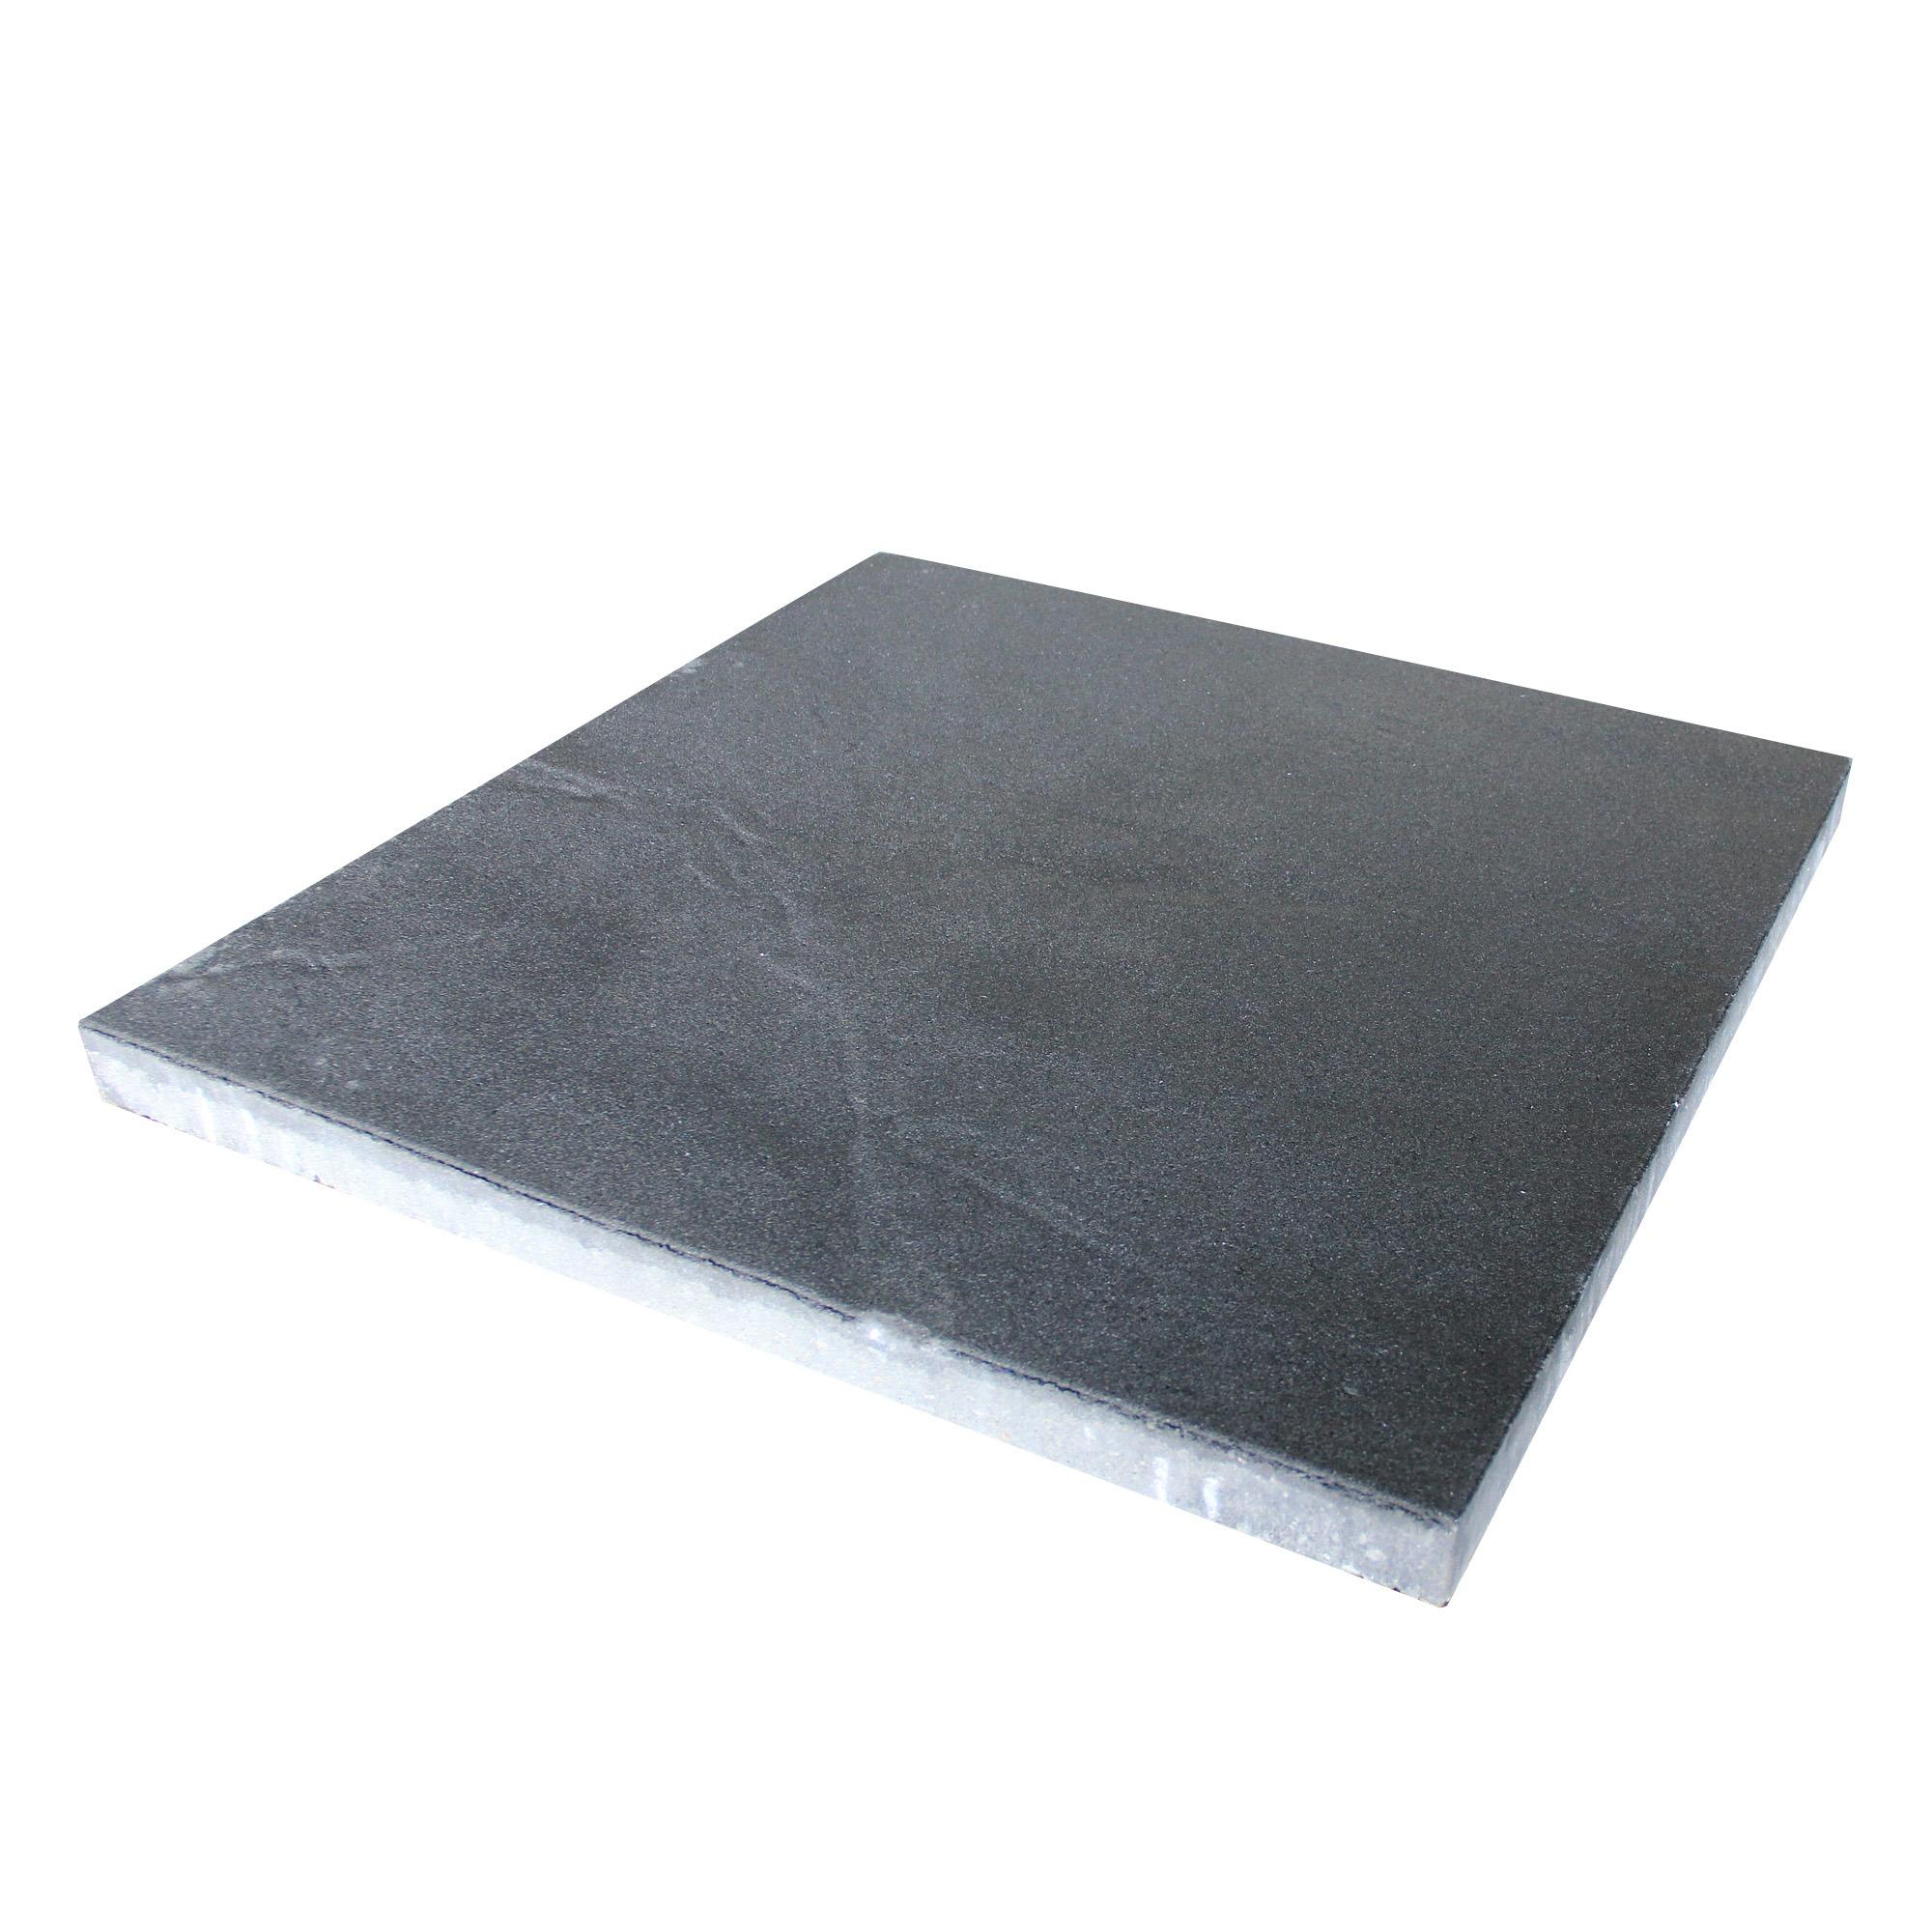 Terrastegel Beton Ardechio Antraciet 60x60 cm - 36 Tegels - 12,96 m2